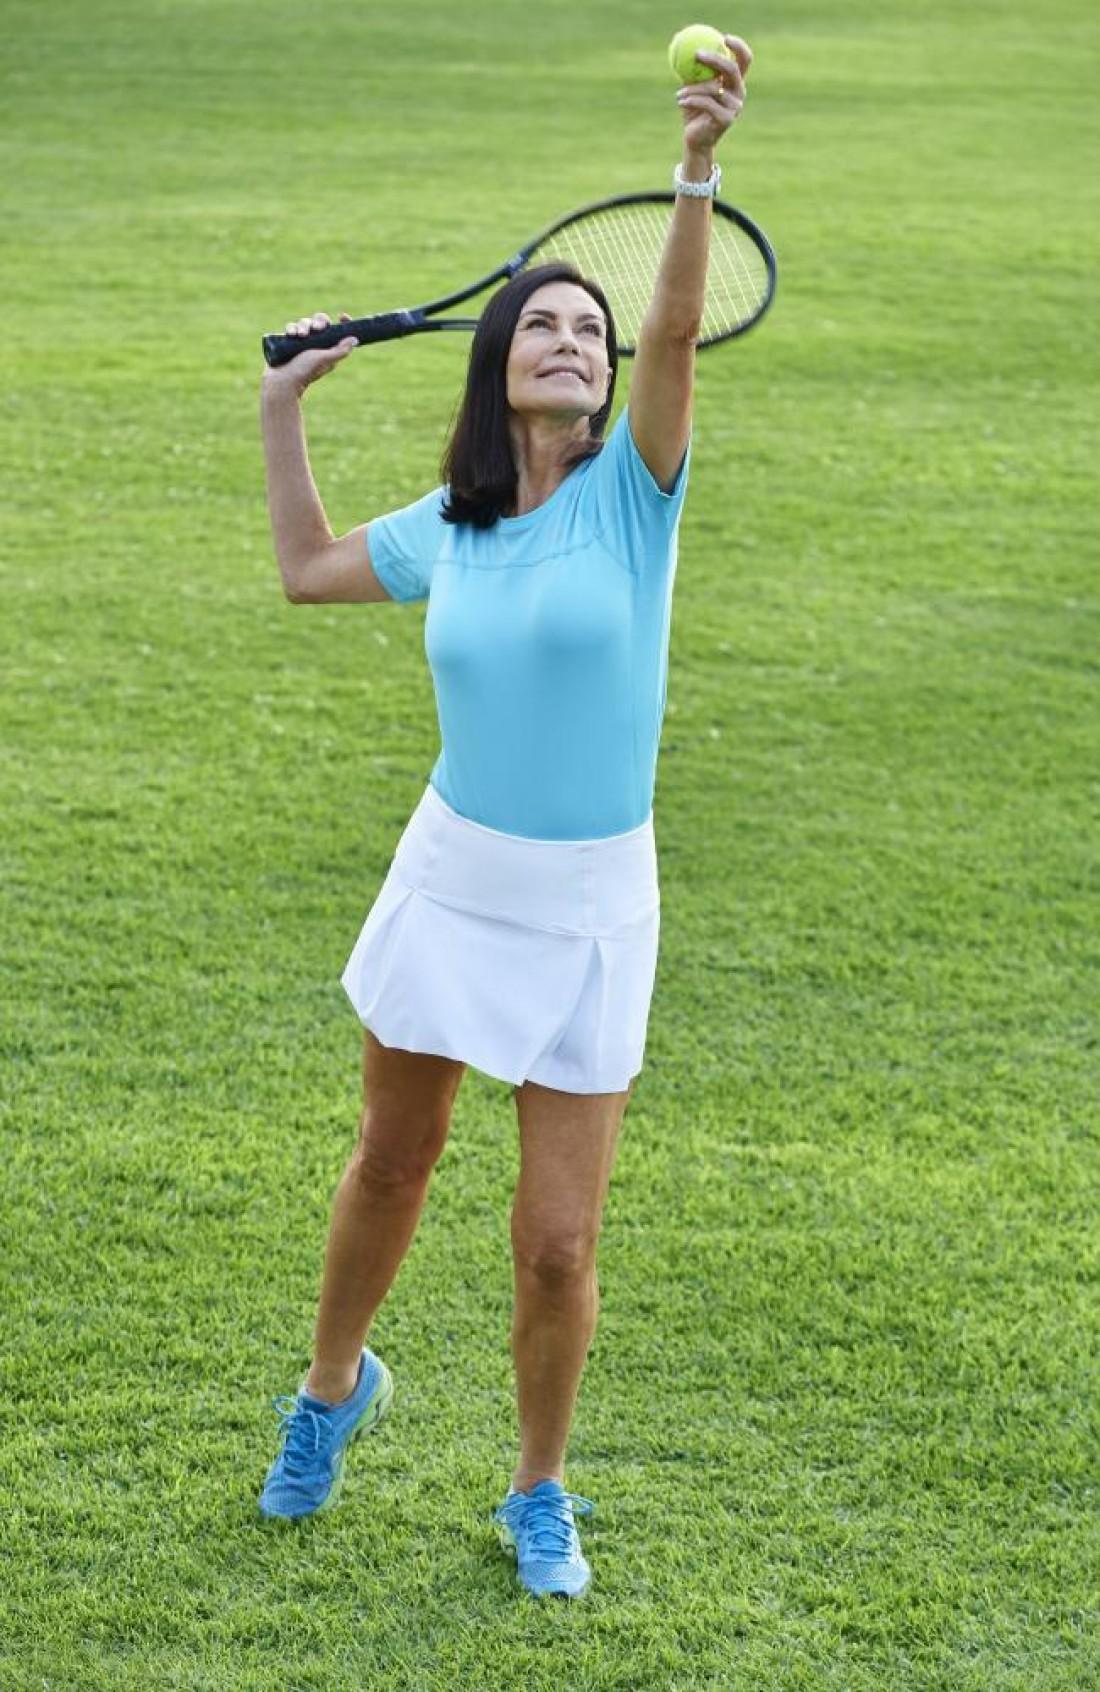 Женщина ведет активный образ жизни